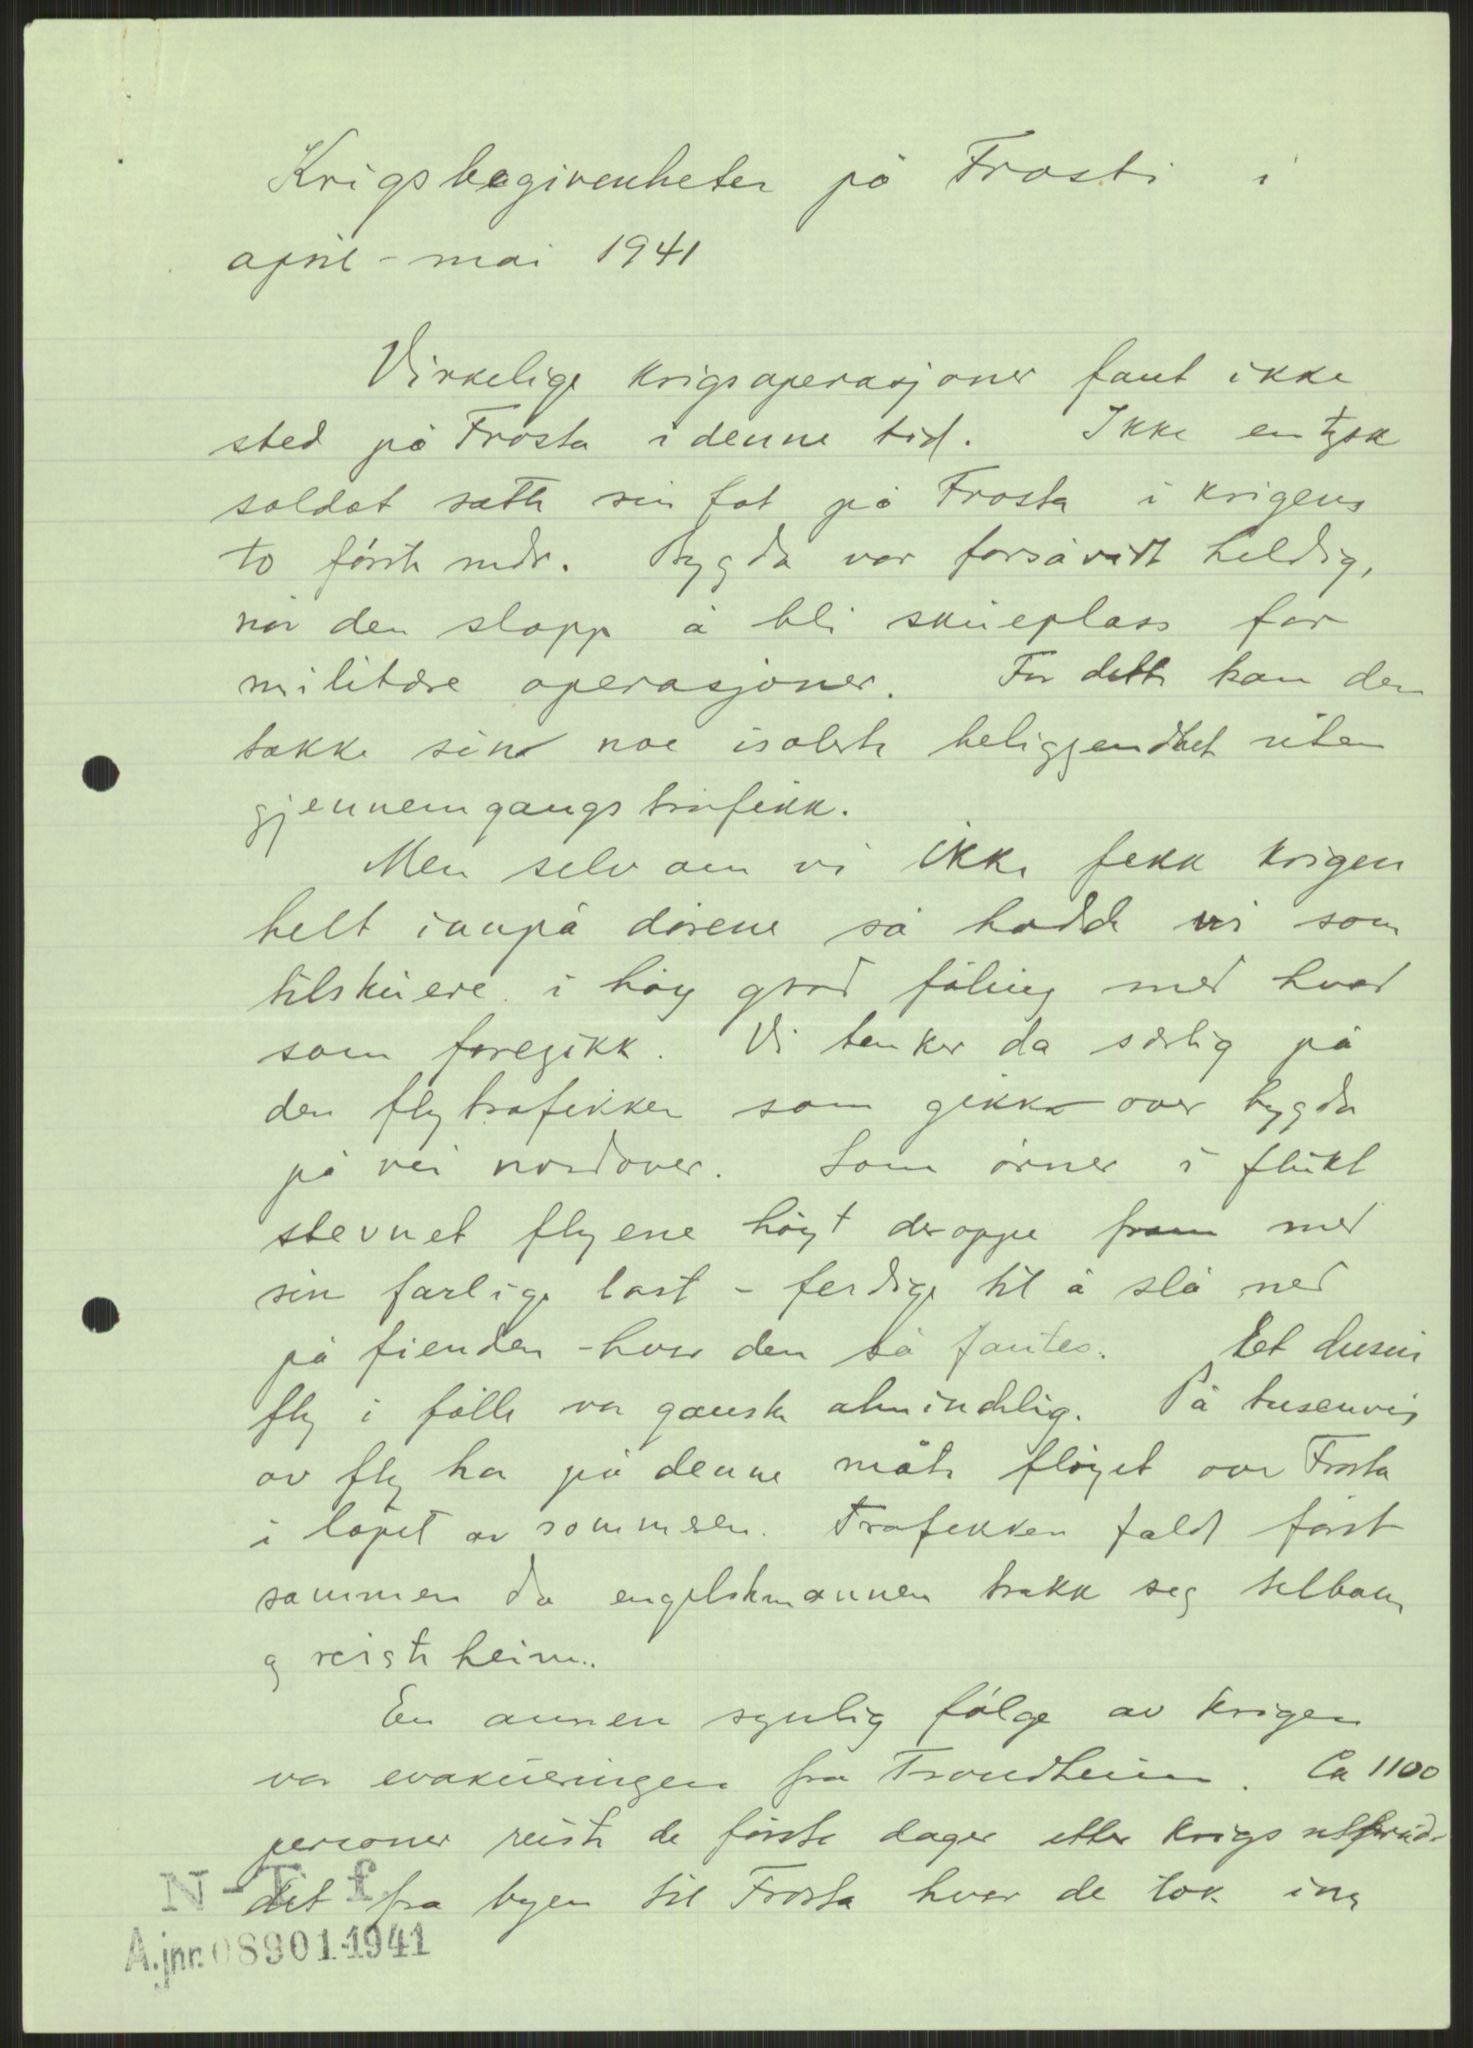 RA, Forsvaret, Forsvarets krigshistoriske avdeling, Y/Ya/L0016: II-C-11-31 - Fylkesmenn.  Rapporter om krigsbegivenhetene 1940., 1940, s. 462